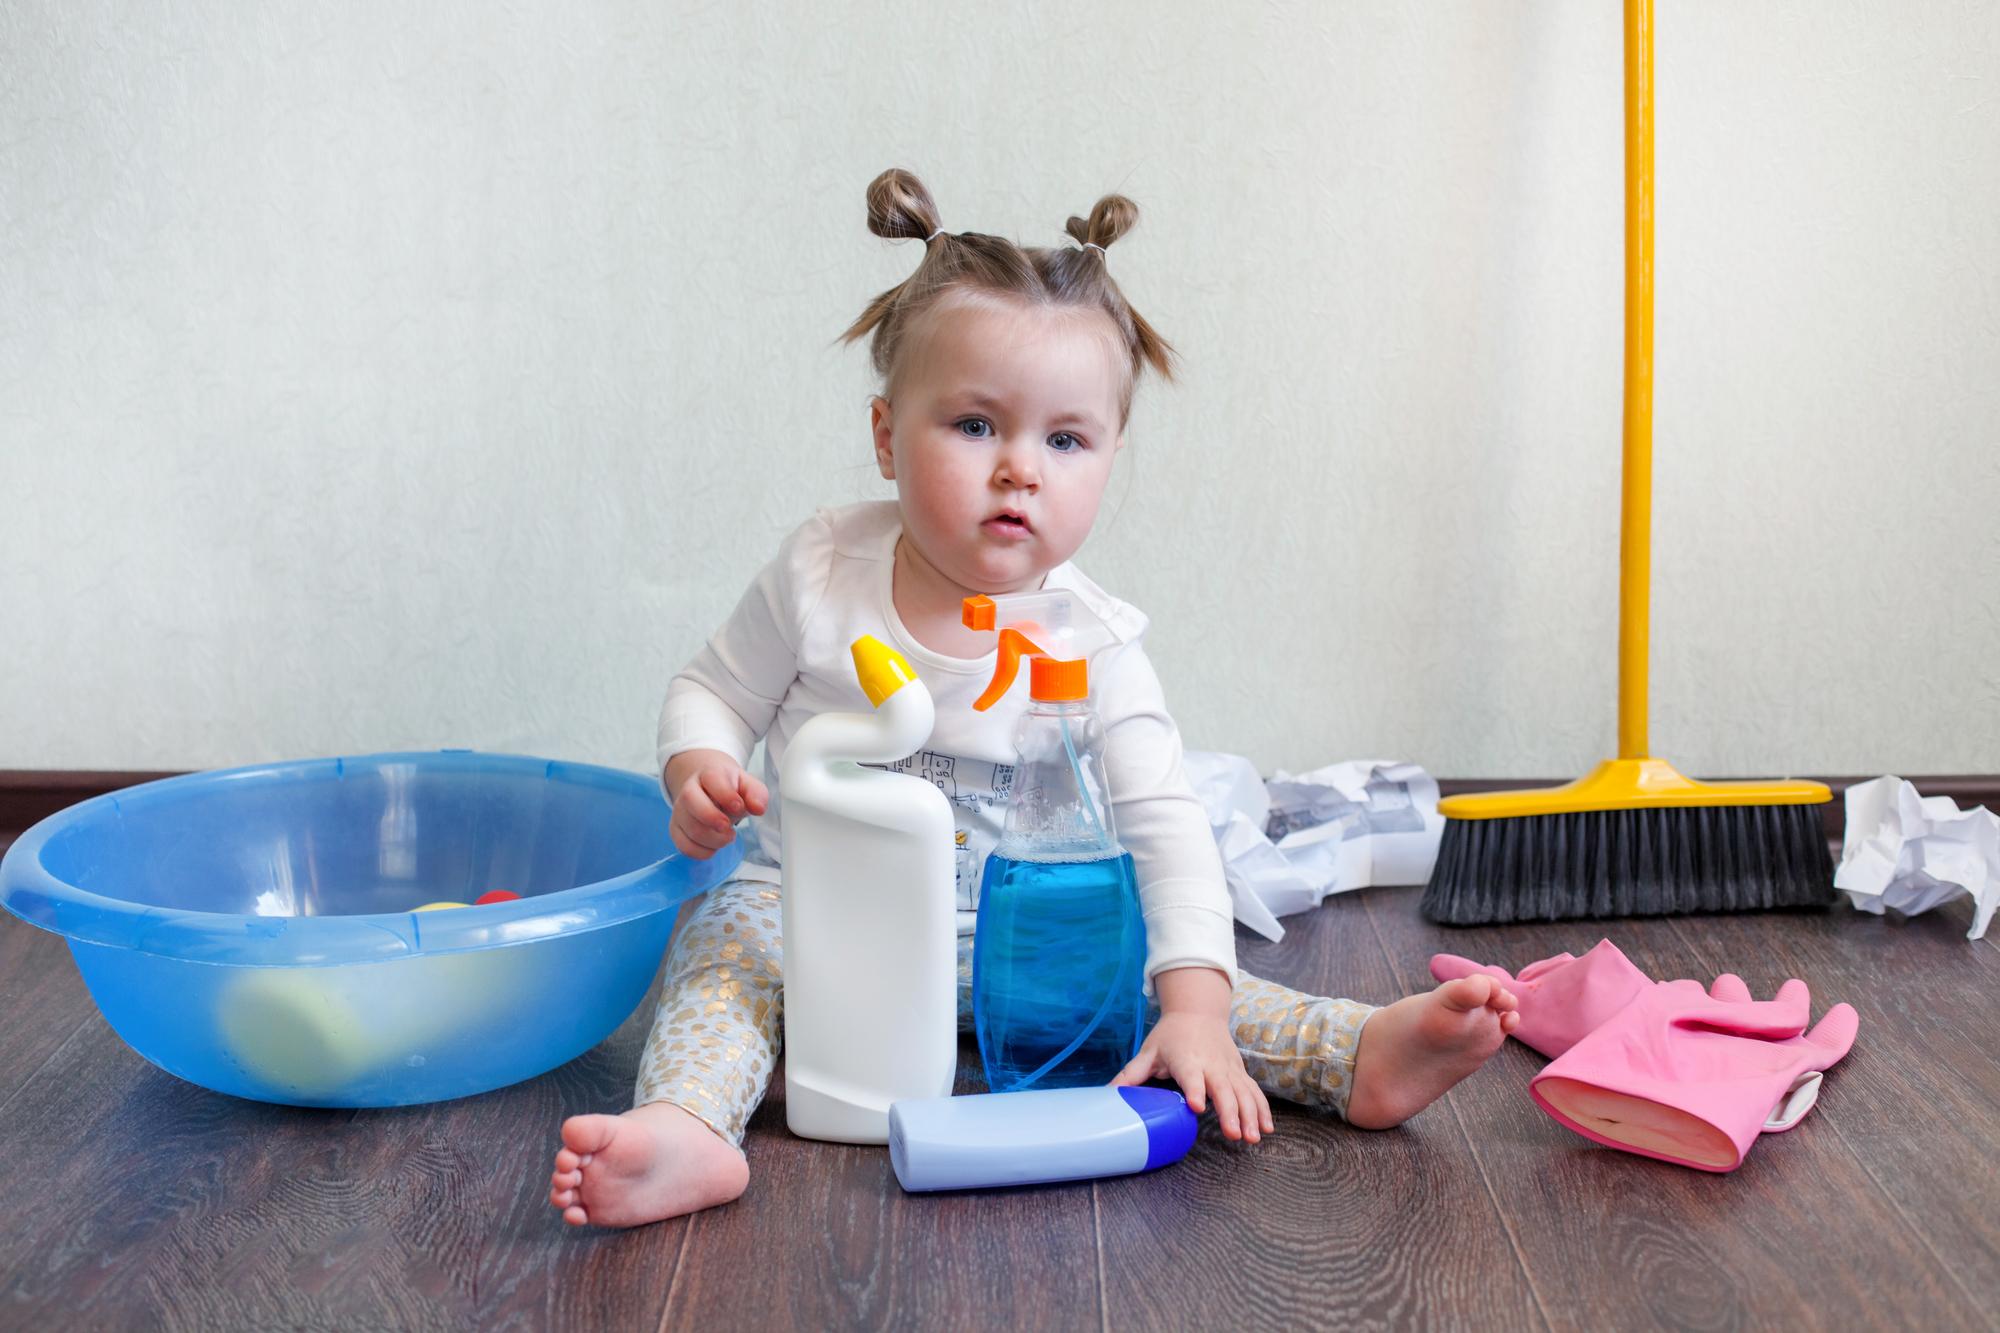 Ульяна Супрун рассказала, почему дом может быть опасным для детей